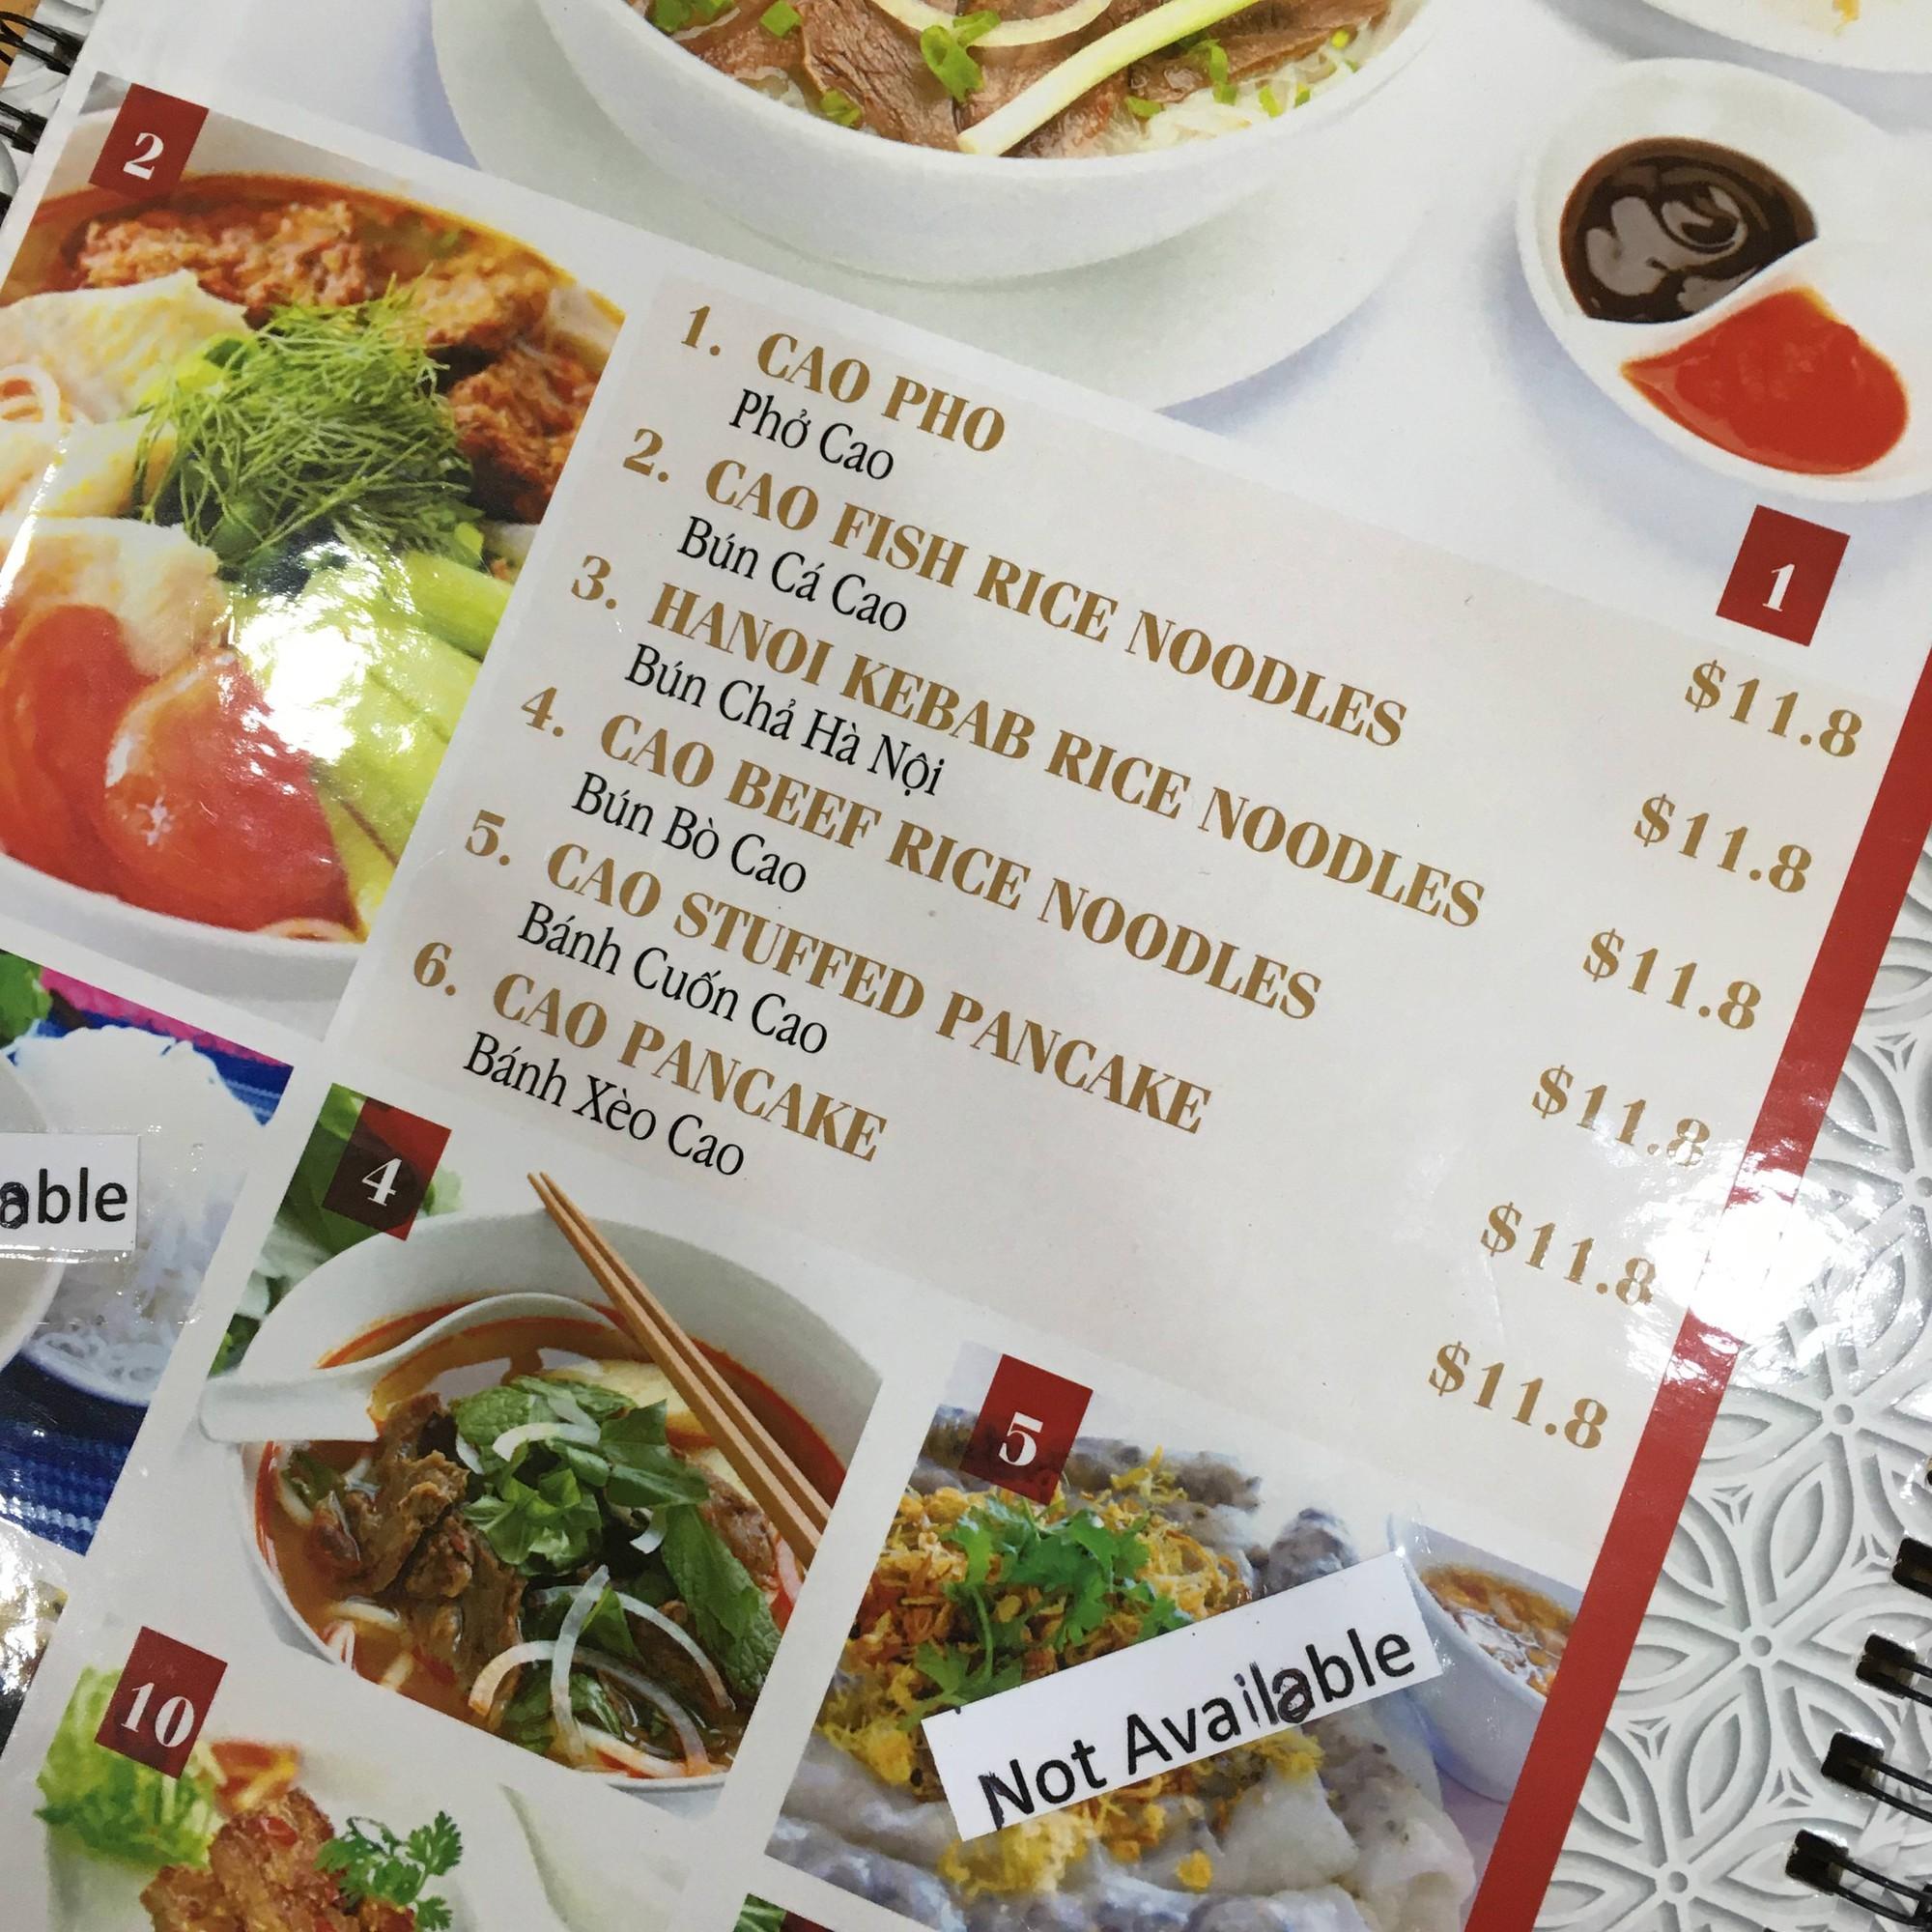 Điểm danh một số doppelganger của các món ăn Việt trên khắp thế giới - Ảnh 8.